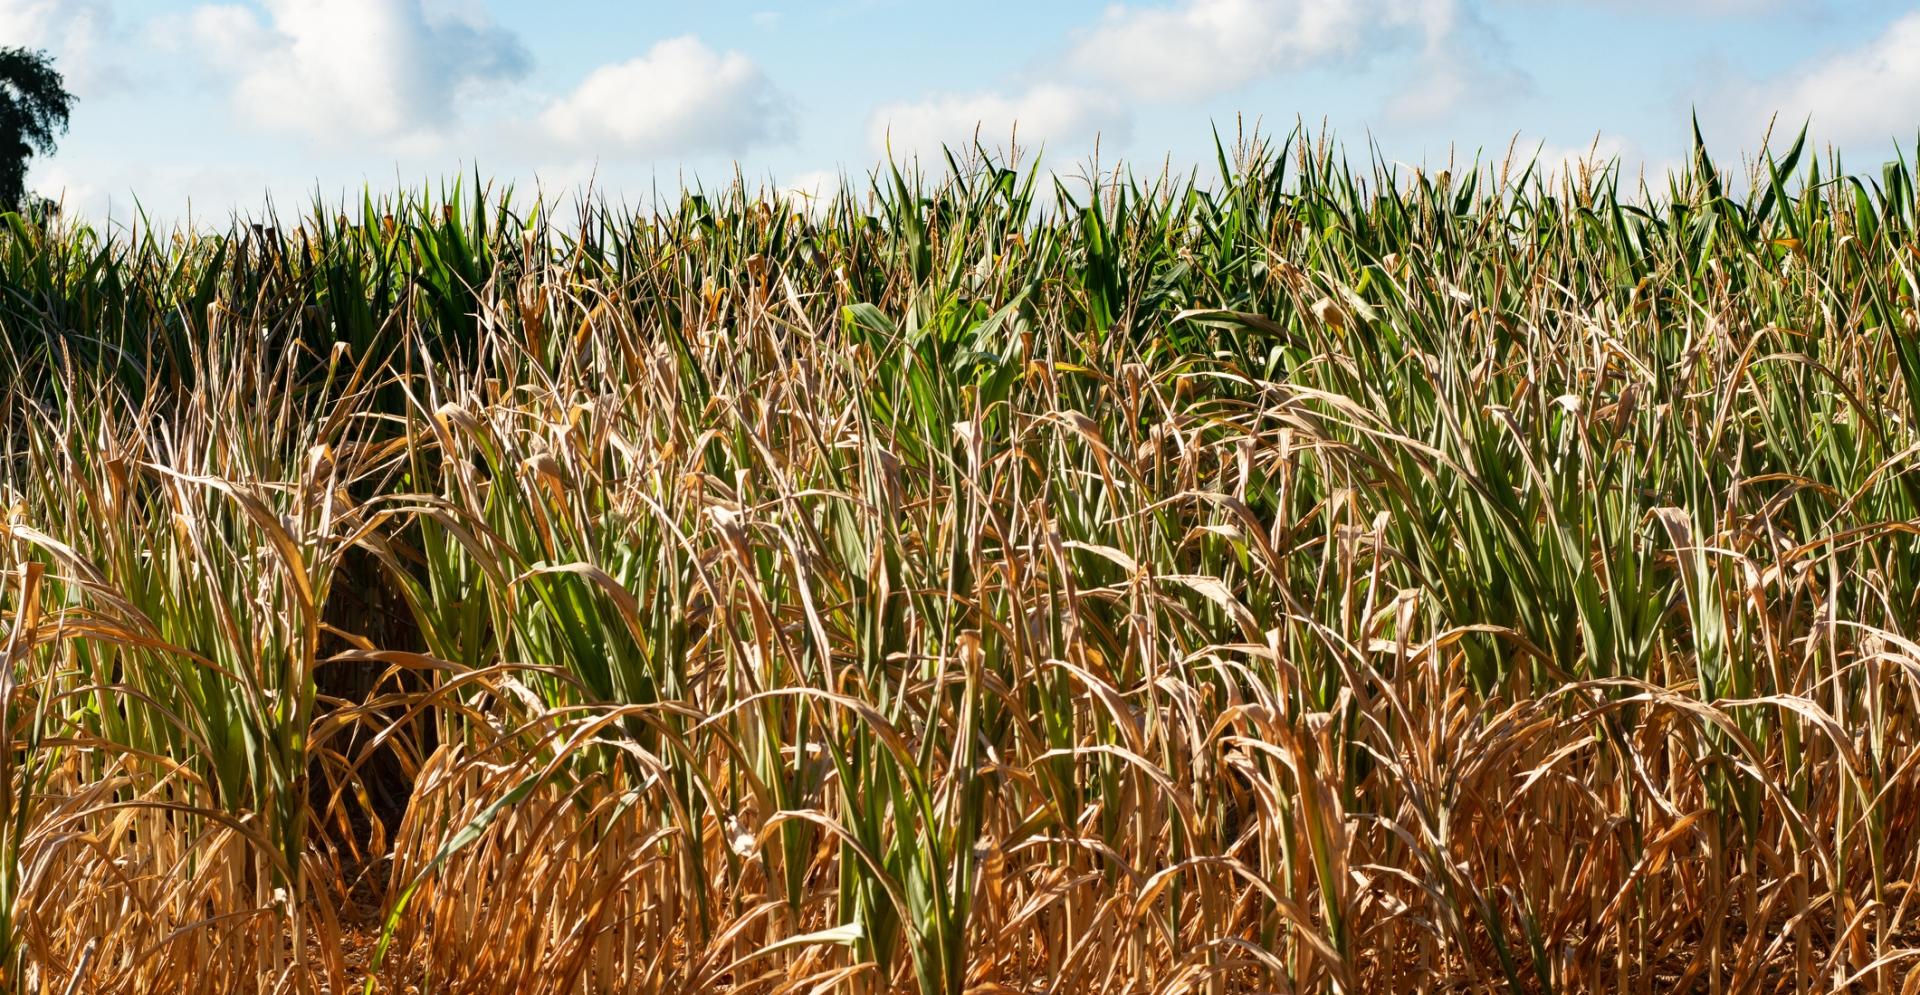 Veld met droge mais als gevolg van aanhoudende droogte